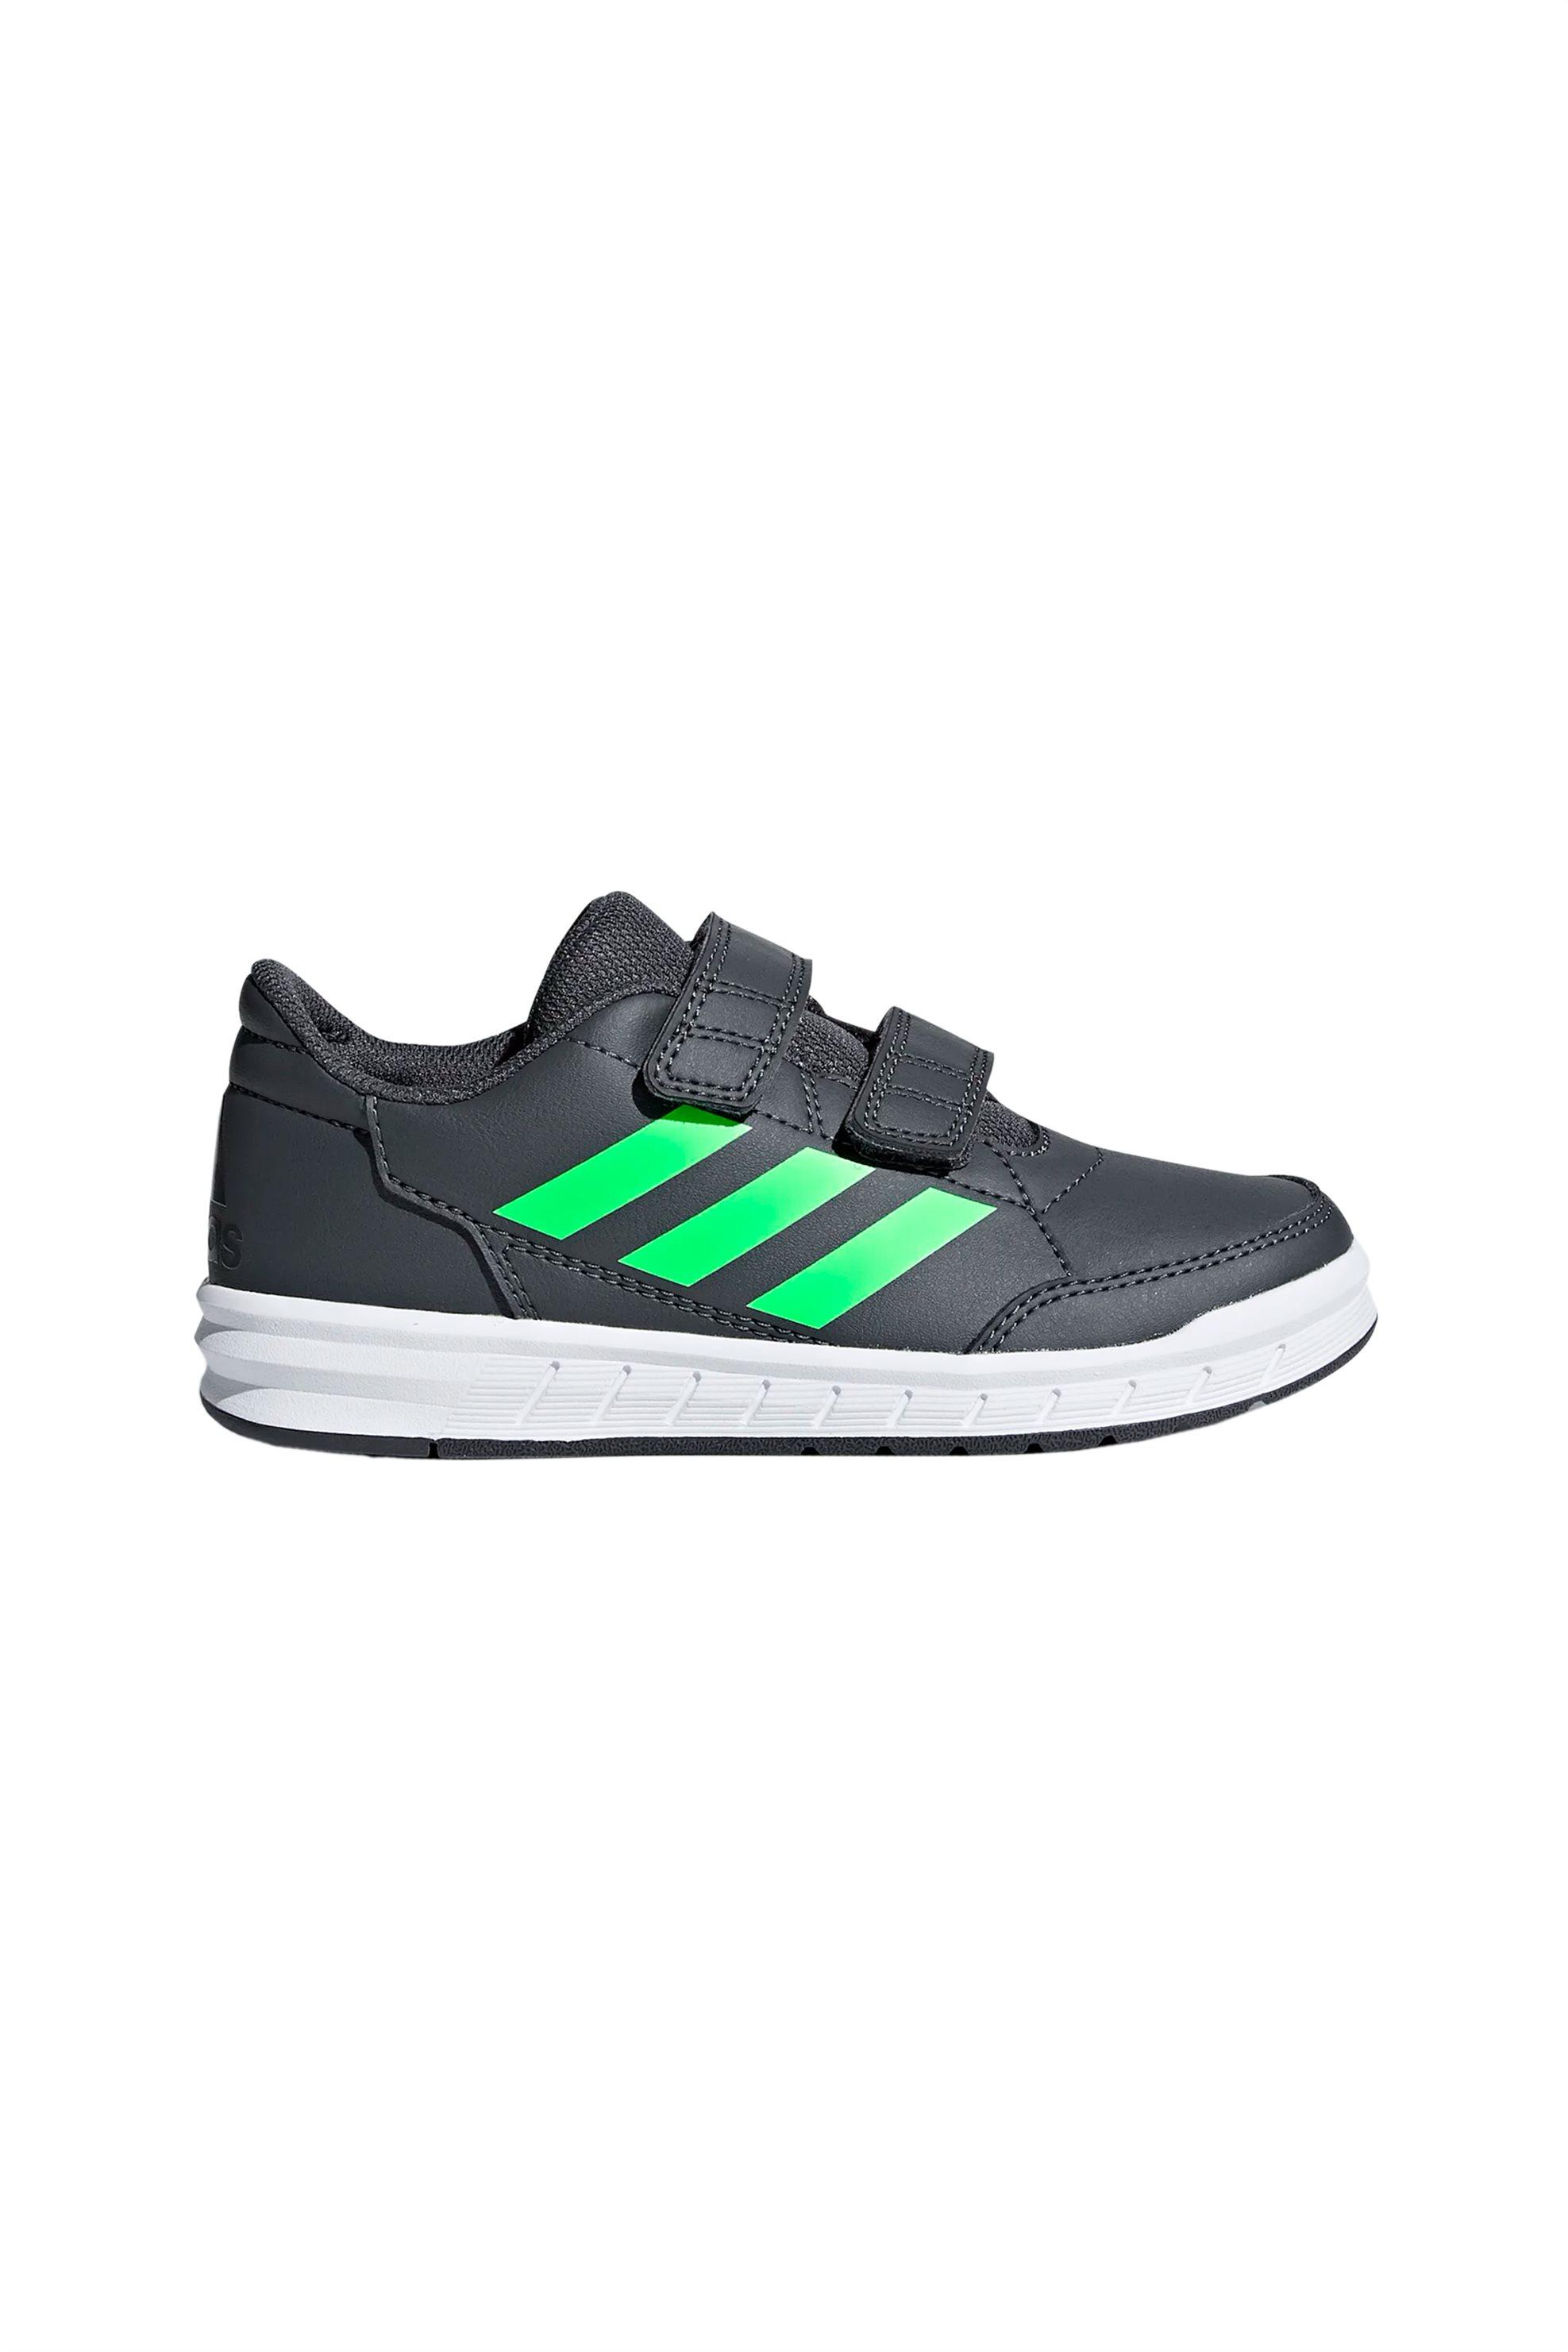 61a41db6fef Notos Adidas παιδικά αθλητικά παπούτσια AltaSport – D96826 – Μαύρο